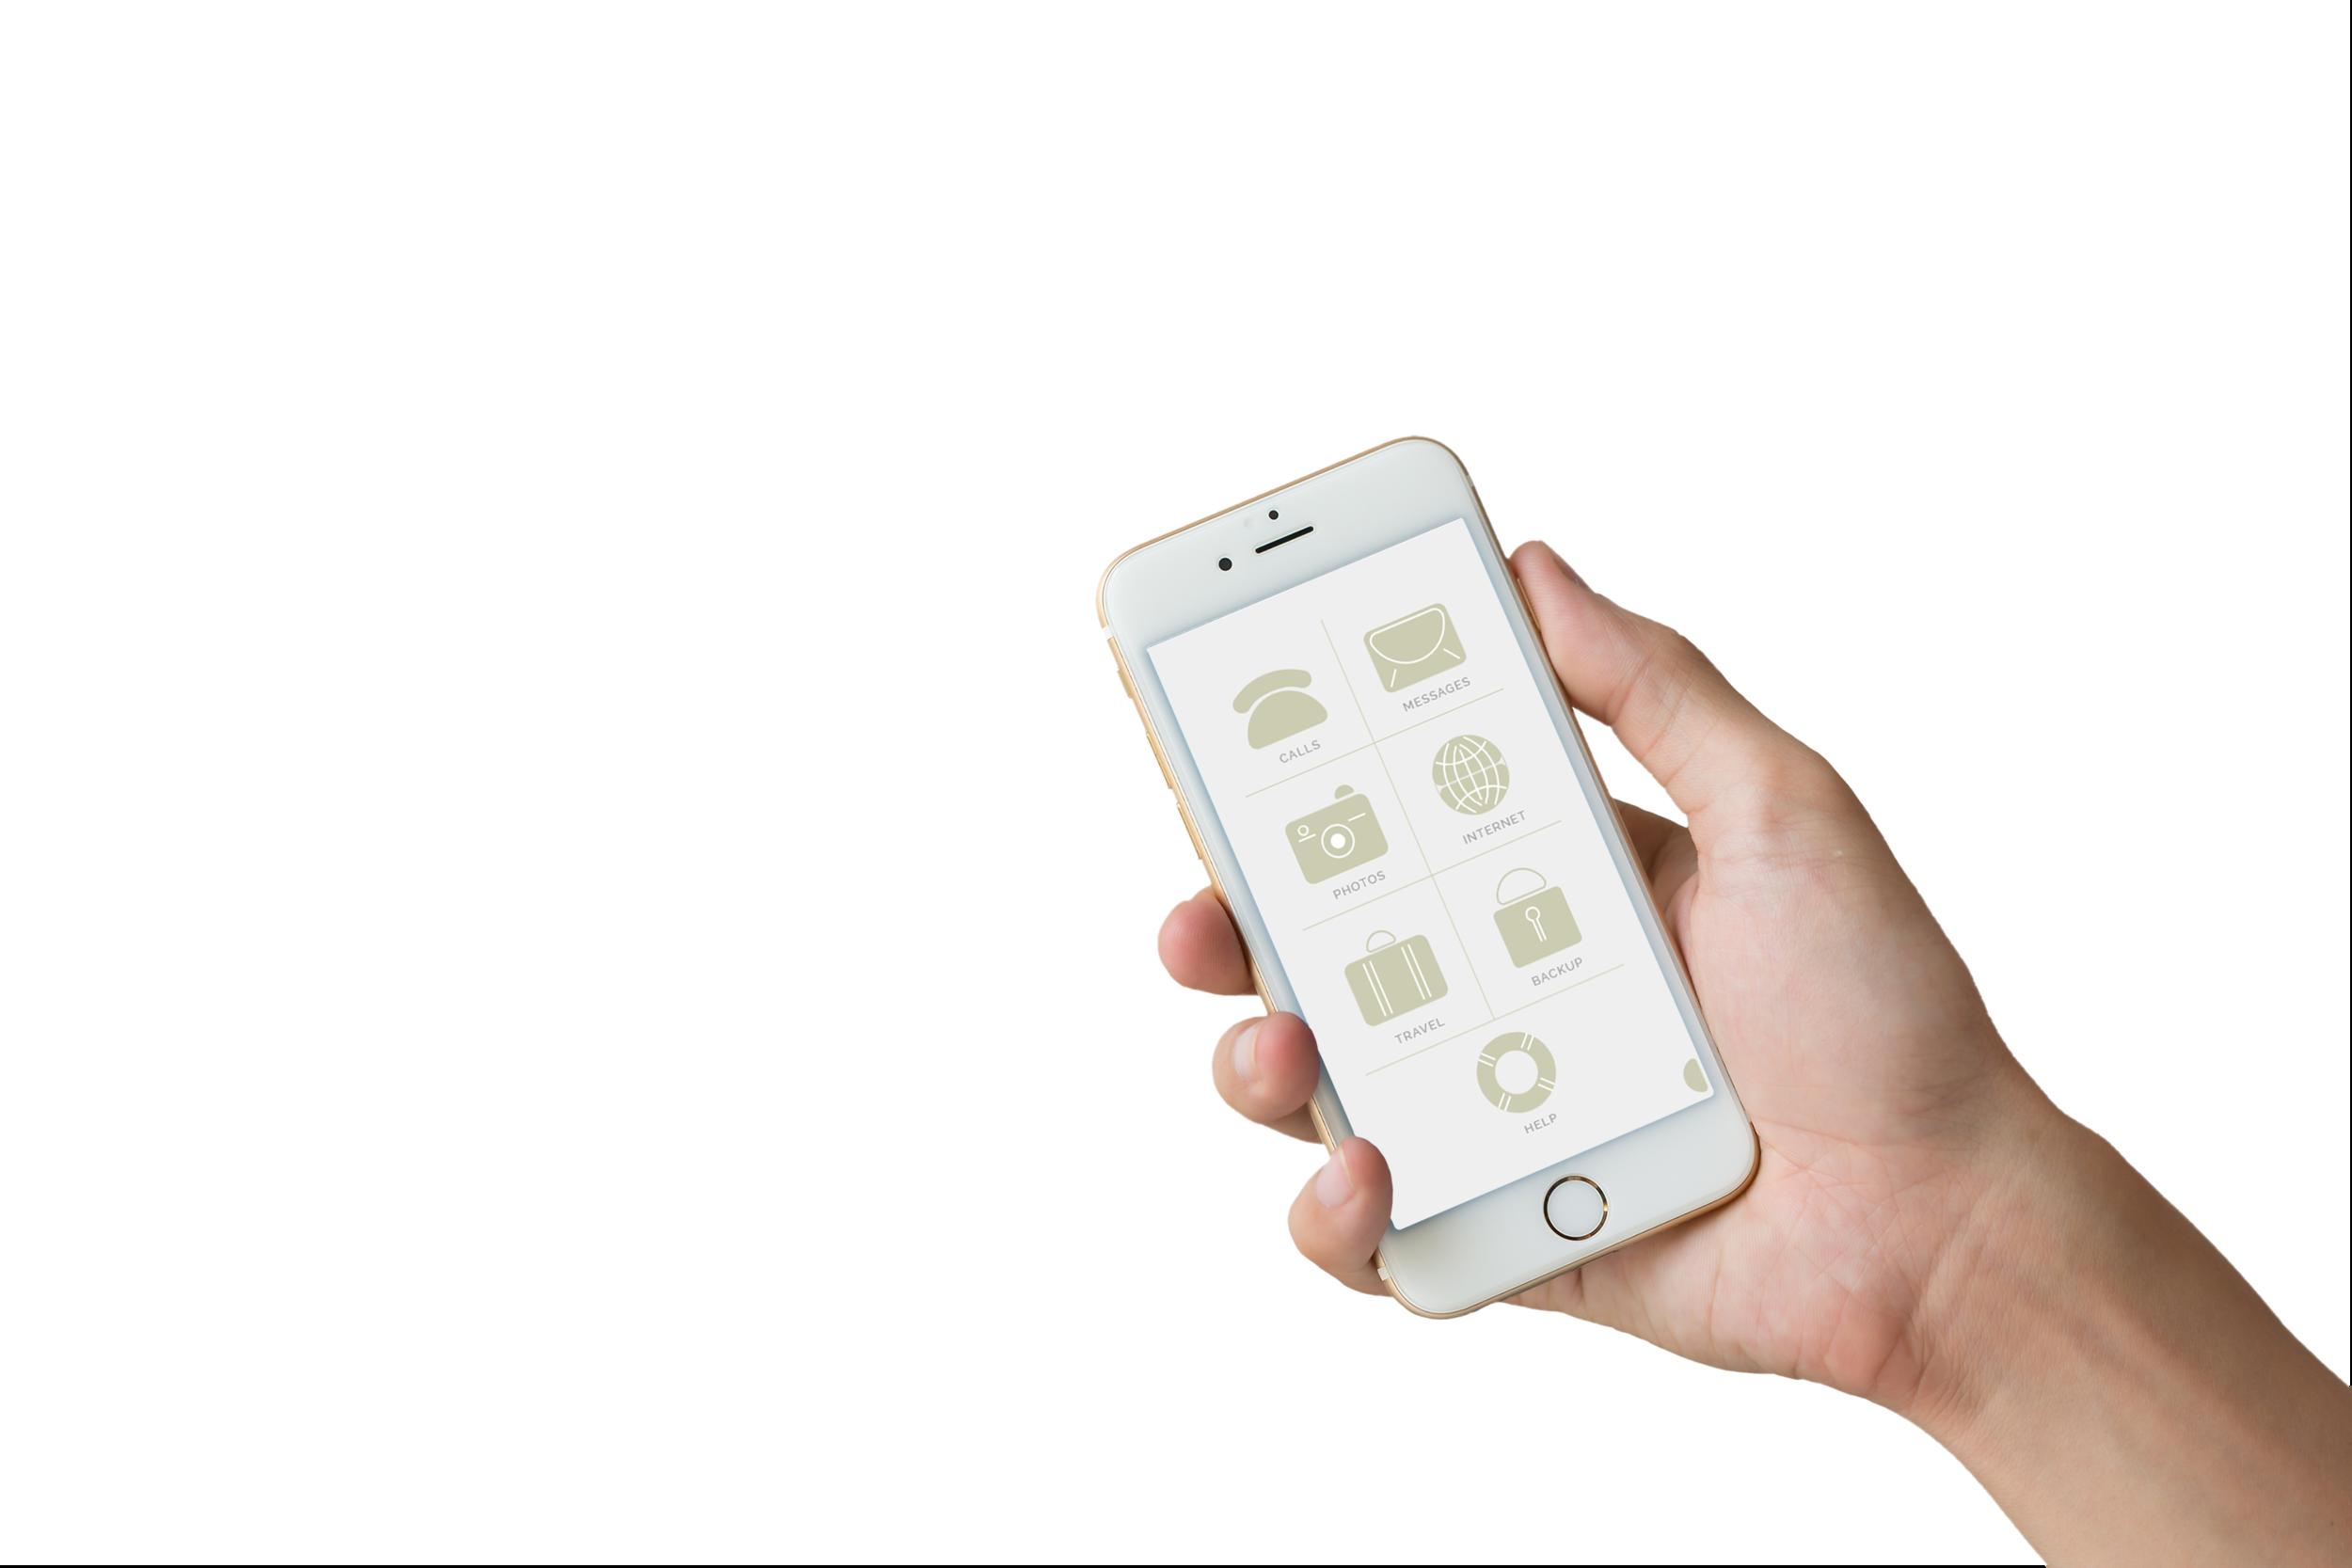 iphone-mockup-okorkmaz.png